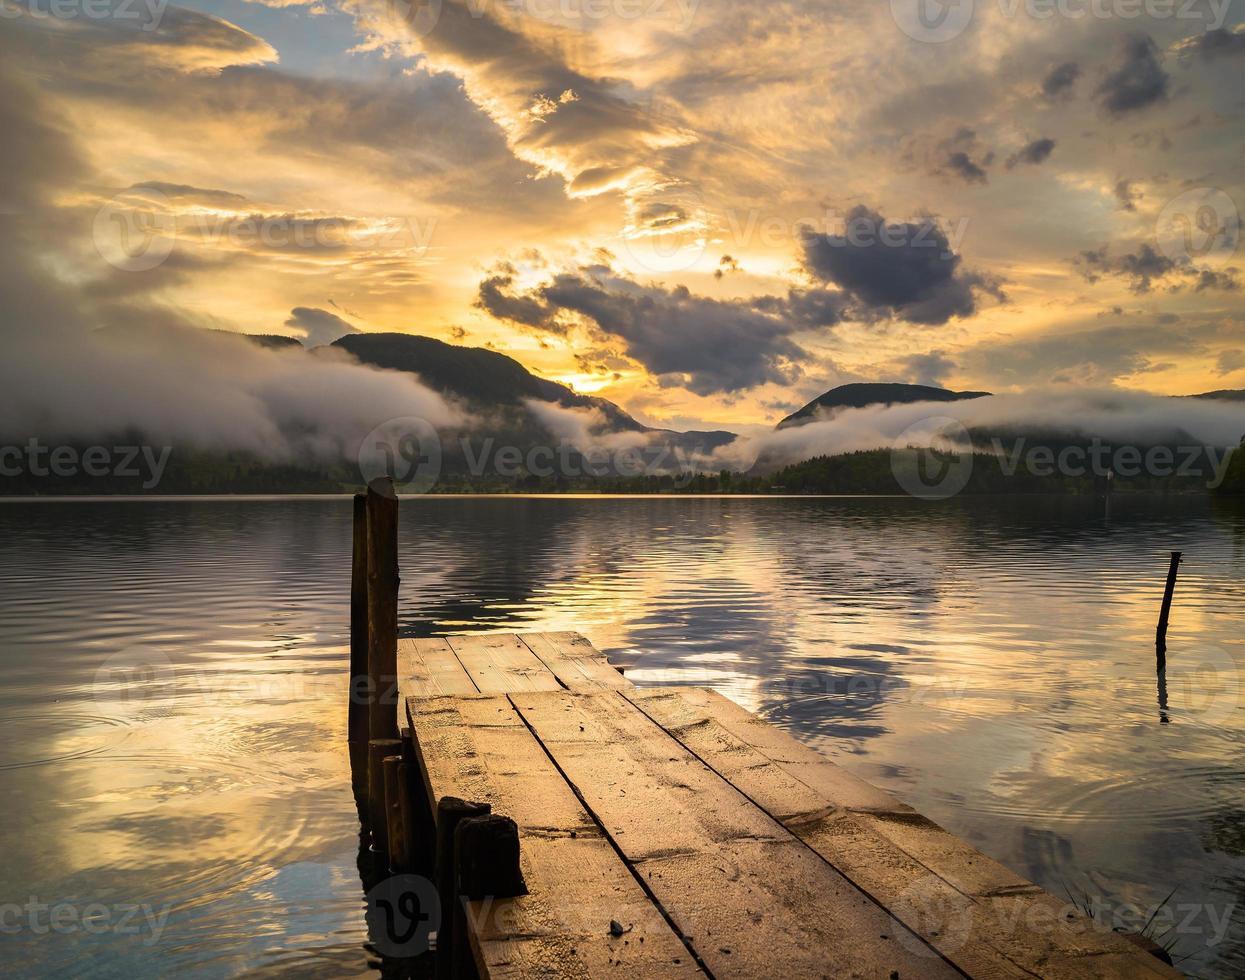 Lago alpino na neblina, nascer do sol sobre o lago de montanha, Alpes, Eslovênia foto